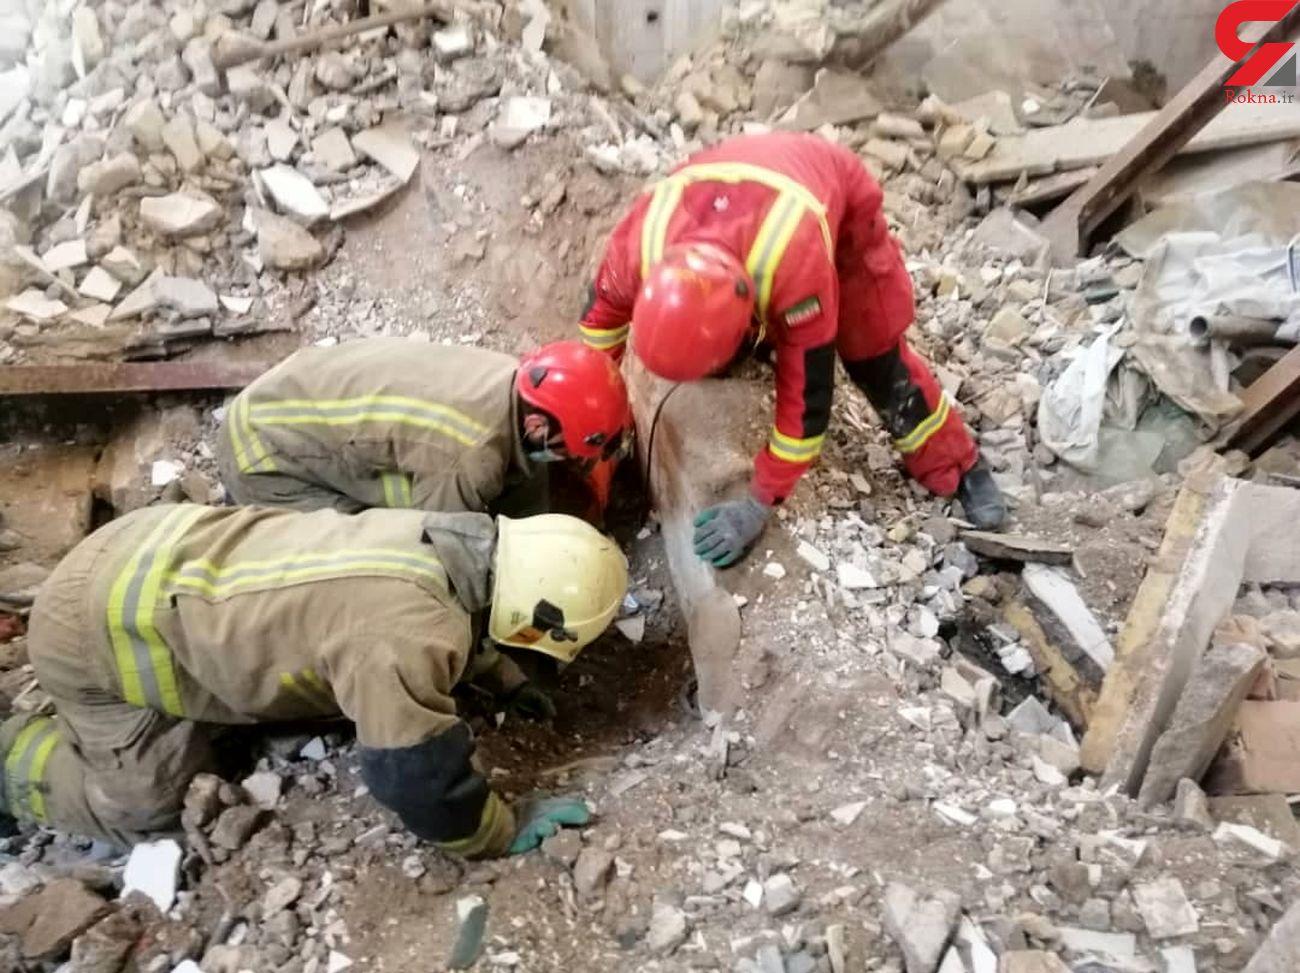 سقوط و مرگ کارگر ساختمانی حین تخریب ساختمان در نیشابور